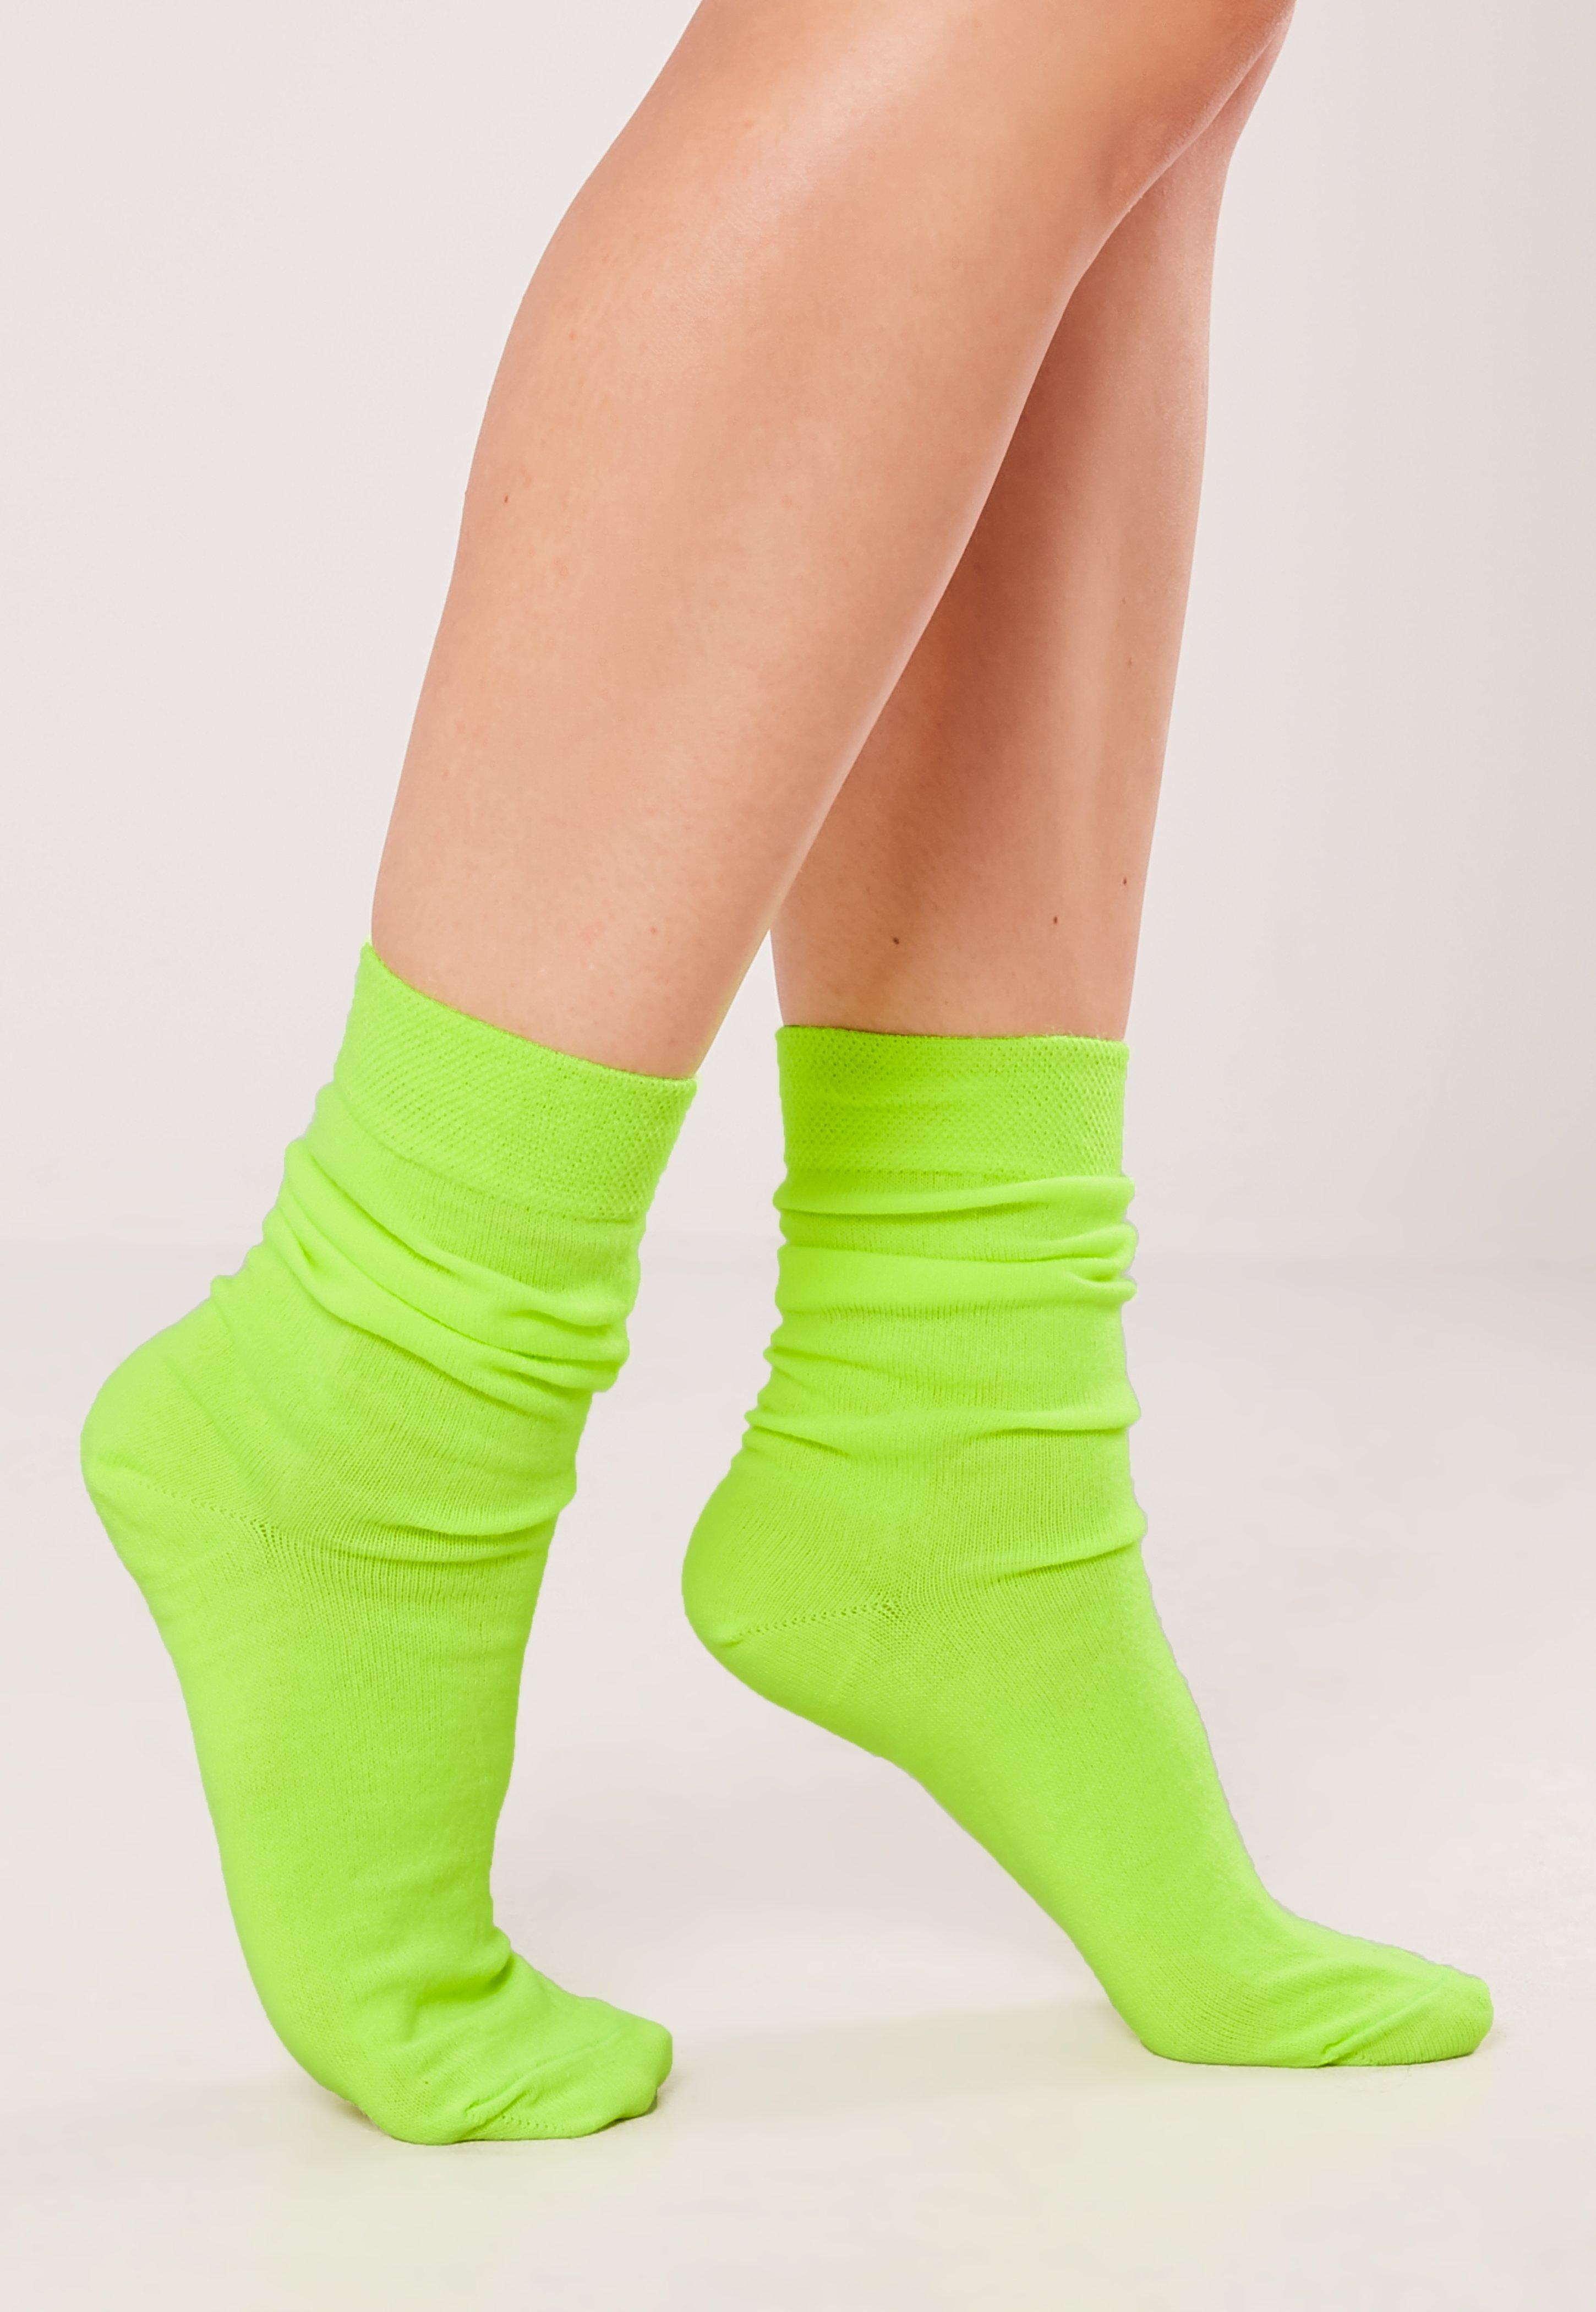 ce14da6f6 Socks